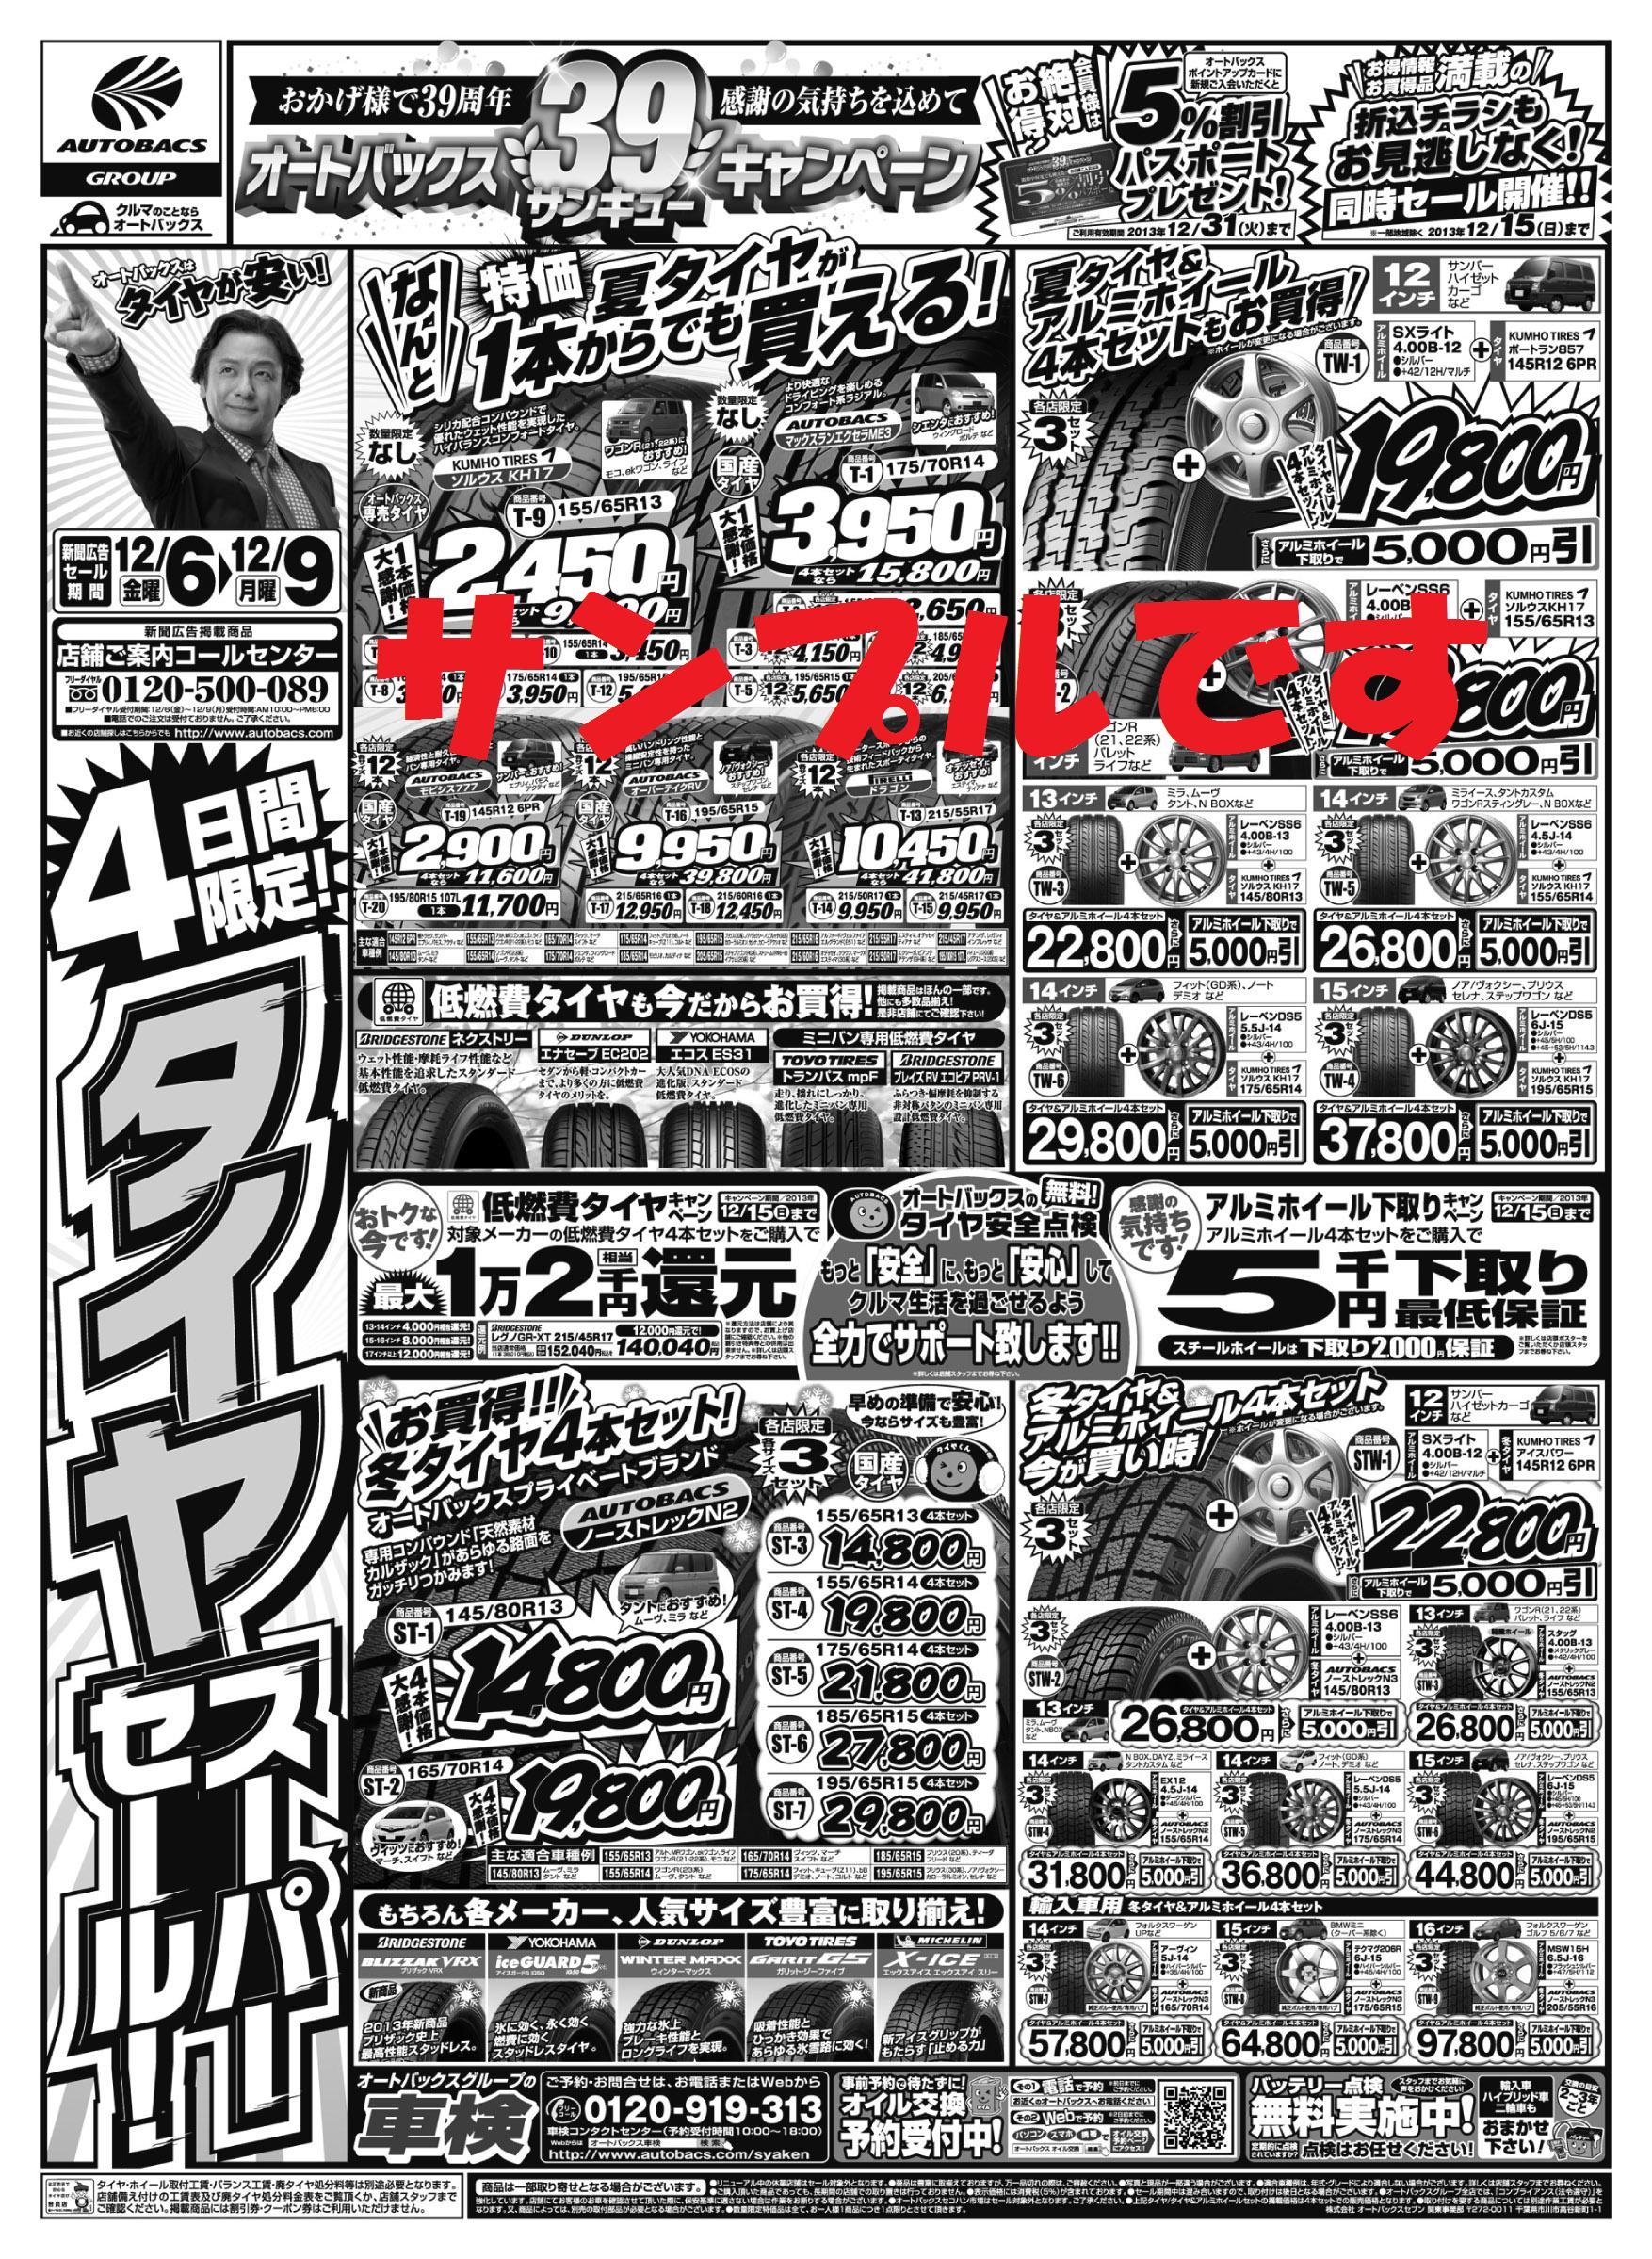 9月19日(金)~23日(火)まで新聞広告ガ入っております!!写真